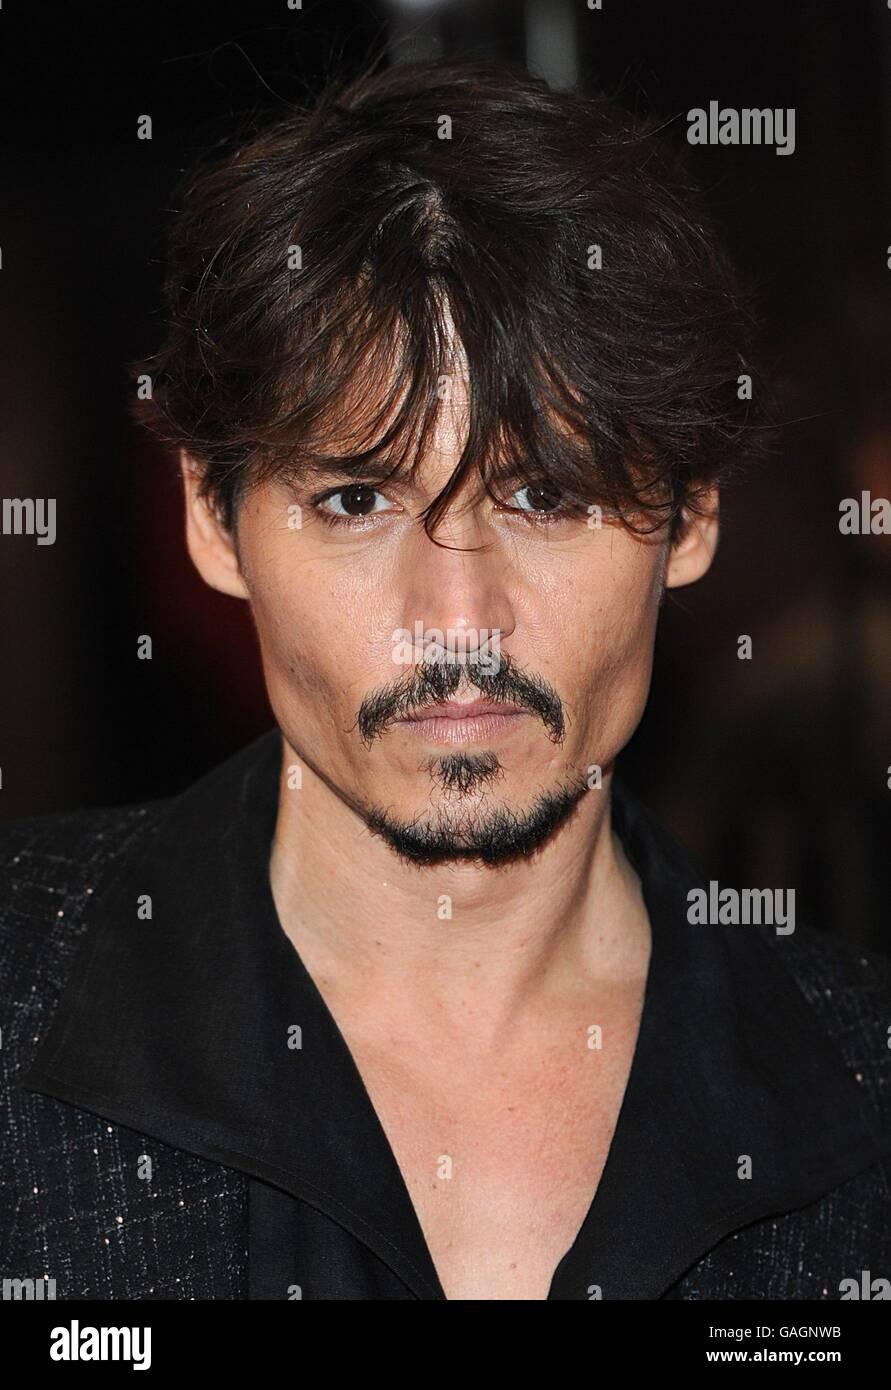 Johnny Depp kommt zur Premiere von Sweeney Todd: The Demon Barber von Fleet  Street im Odeon West End Cinema, Leicester Square, London Stockfotografie -  Alamy